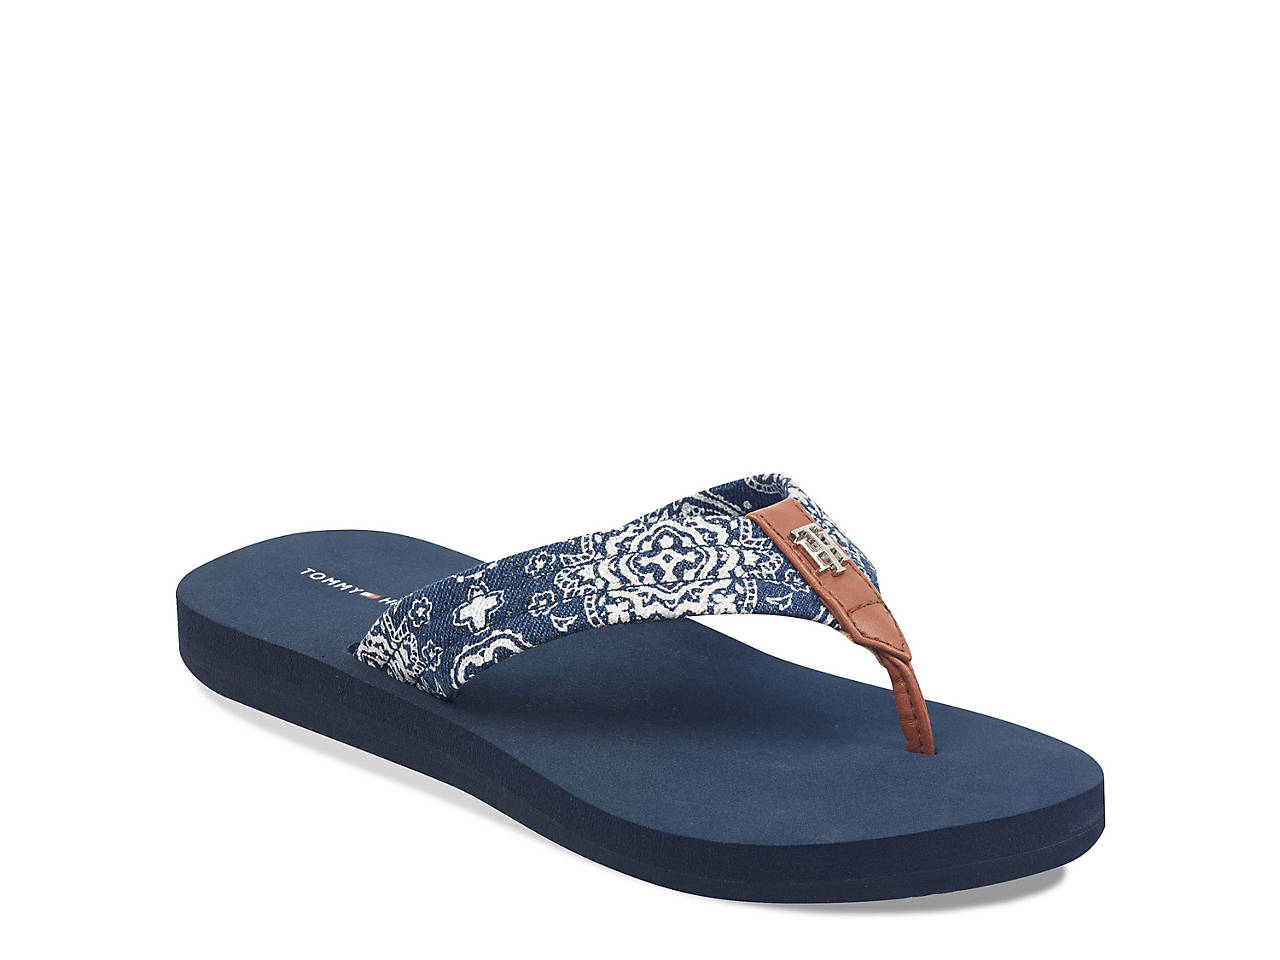 d696536ed Tommy Hilfiger Cart Flip Flop Women s Shoes